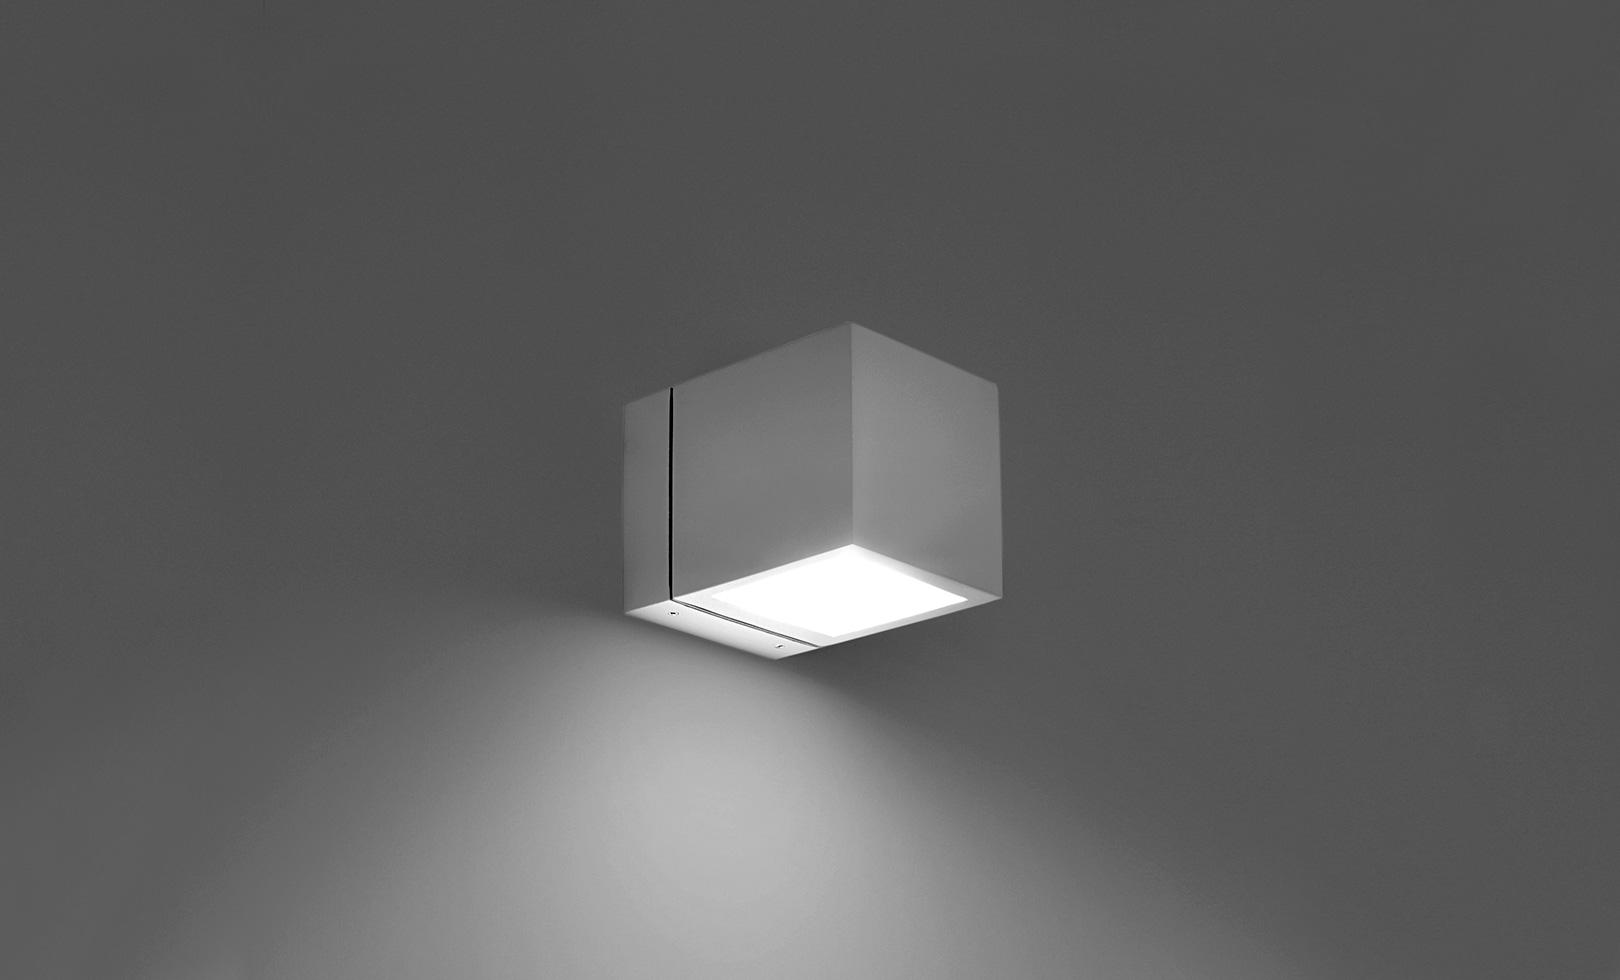 402201 CUBE 01 LED 7.5W 1